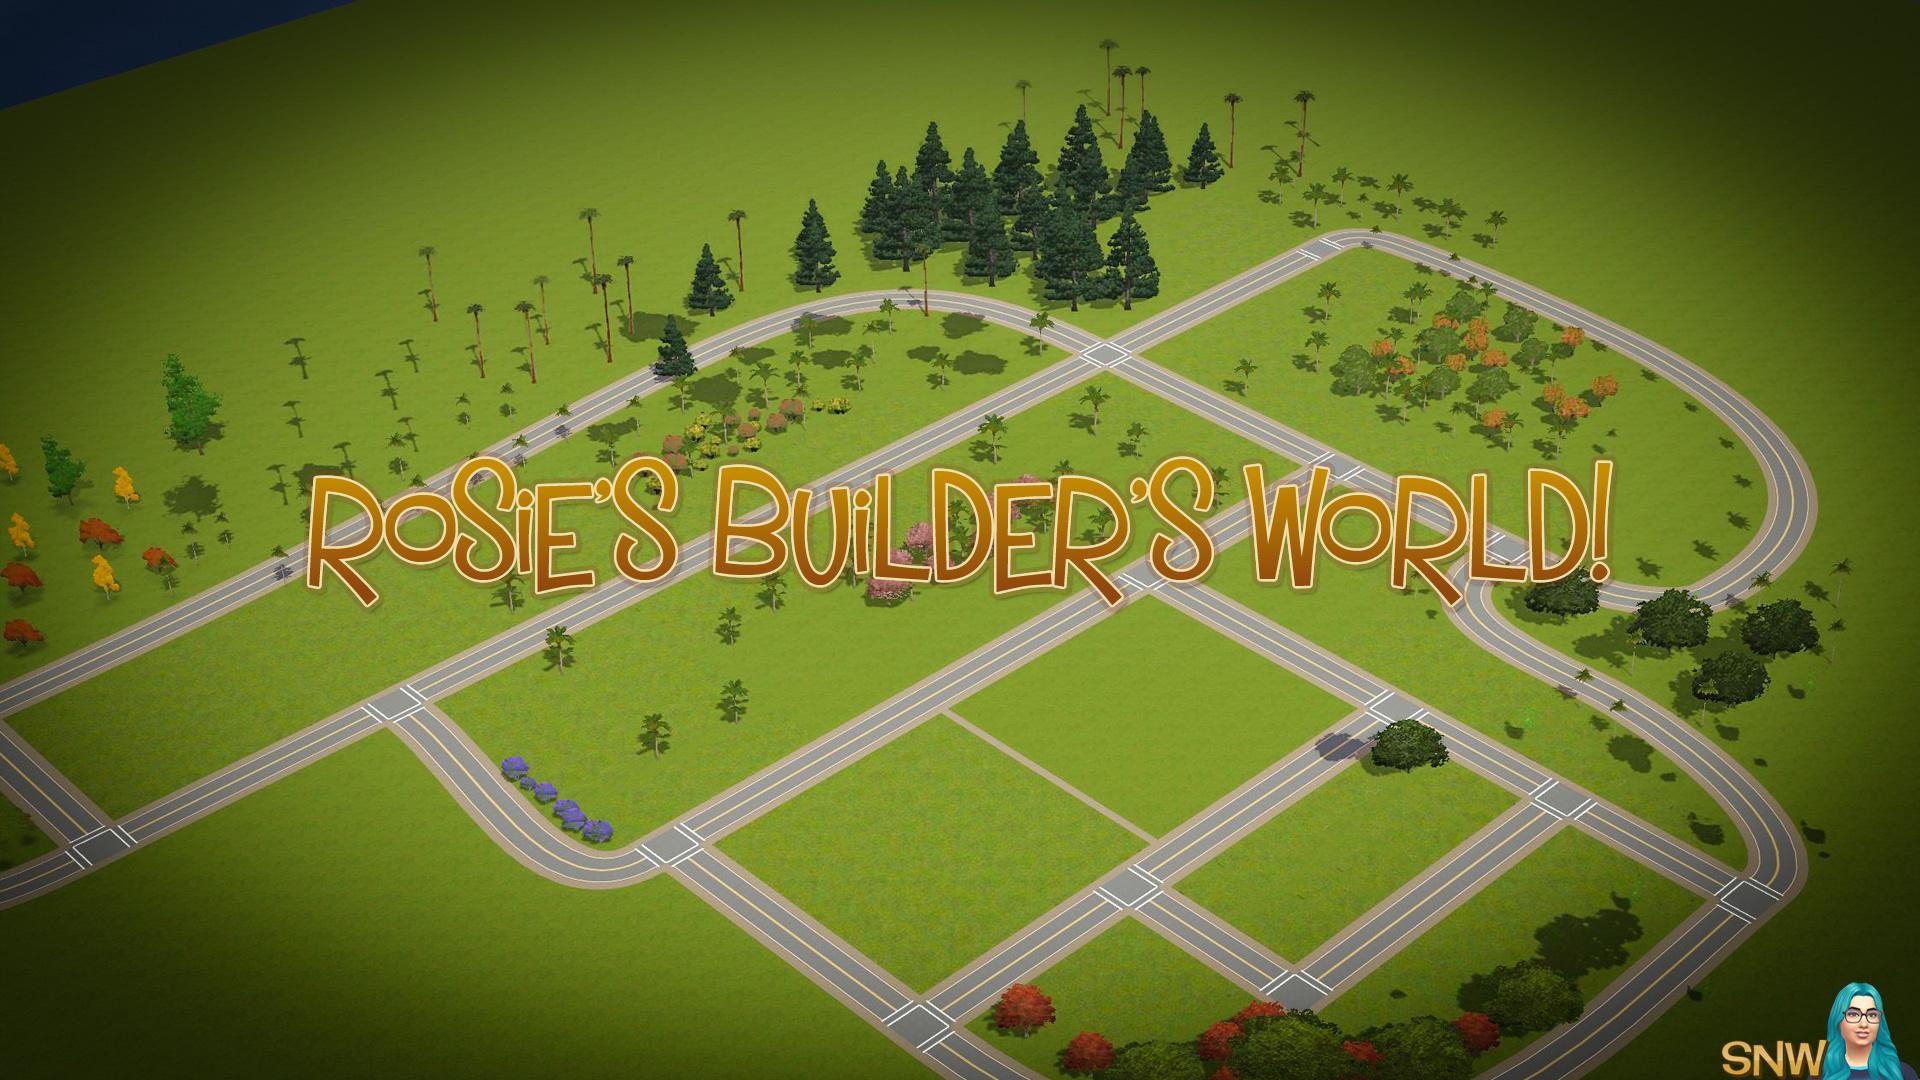 Rosie's Builder's World